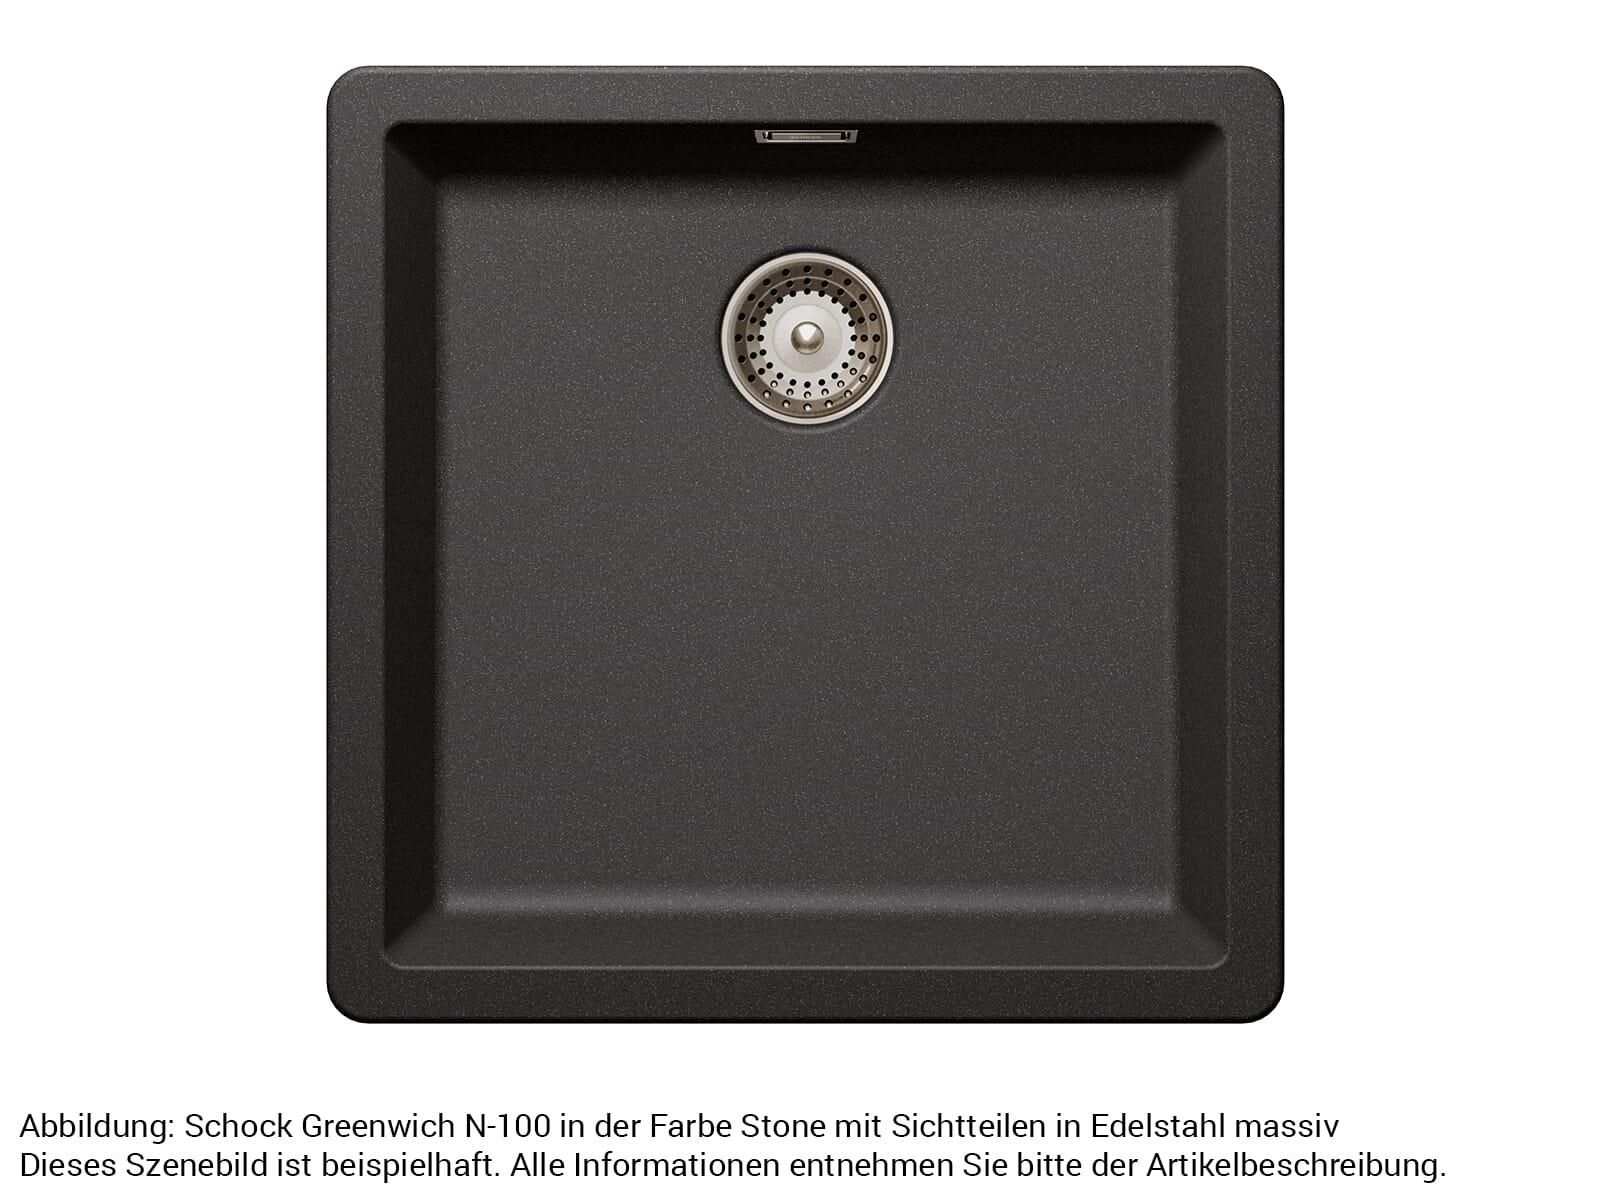 Schock 629392EDM - Sichtteile Edelstahl massiv